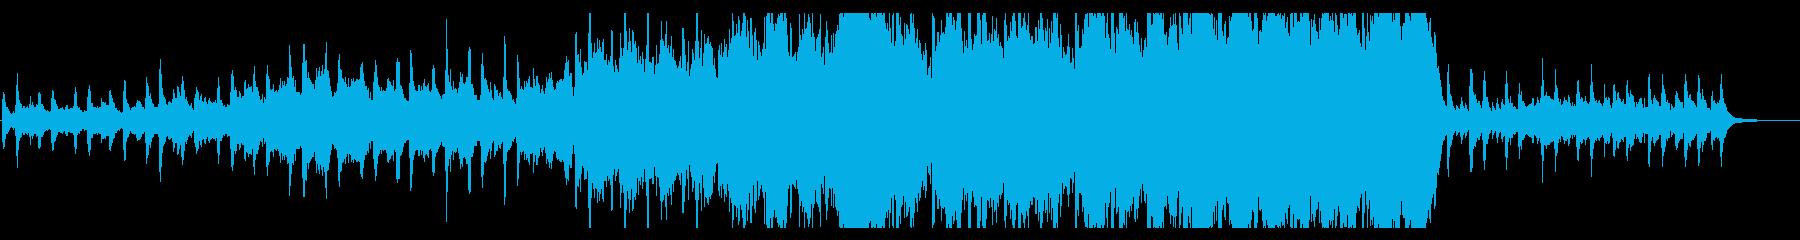 幻想的でゆっくりと始まるオーケストラ曲の再生済みの波形